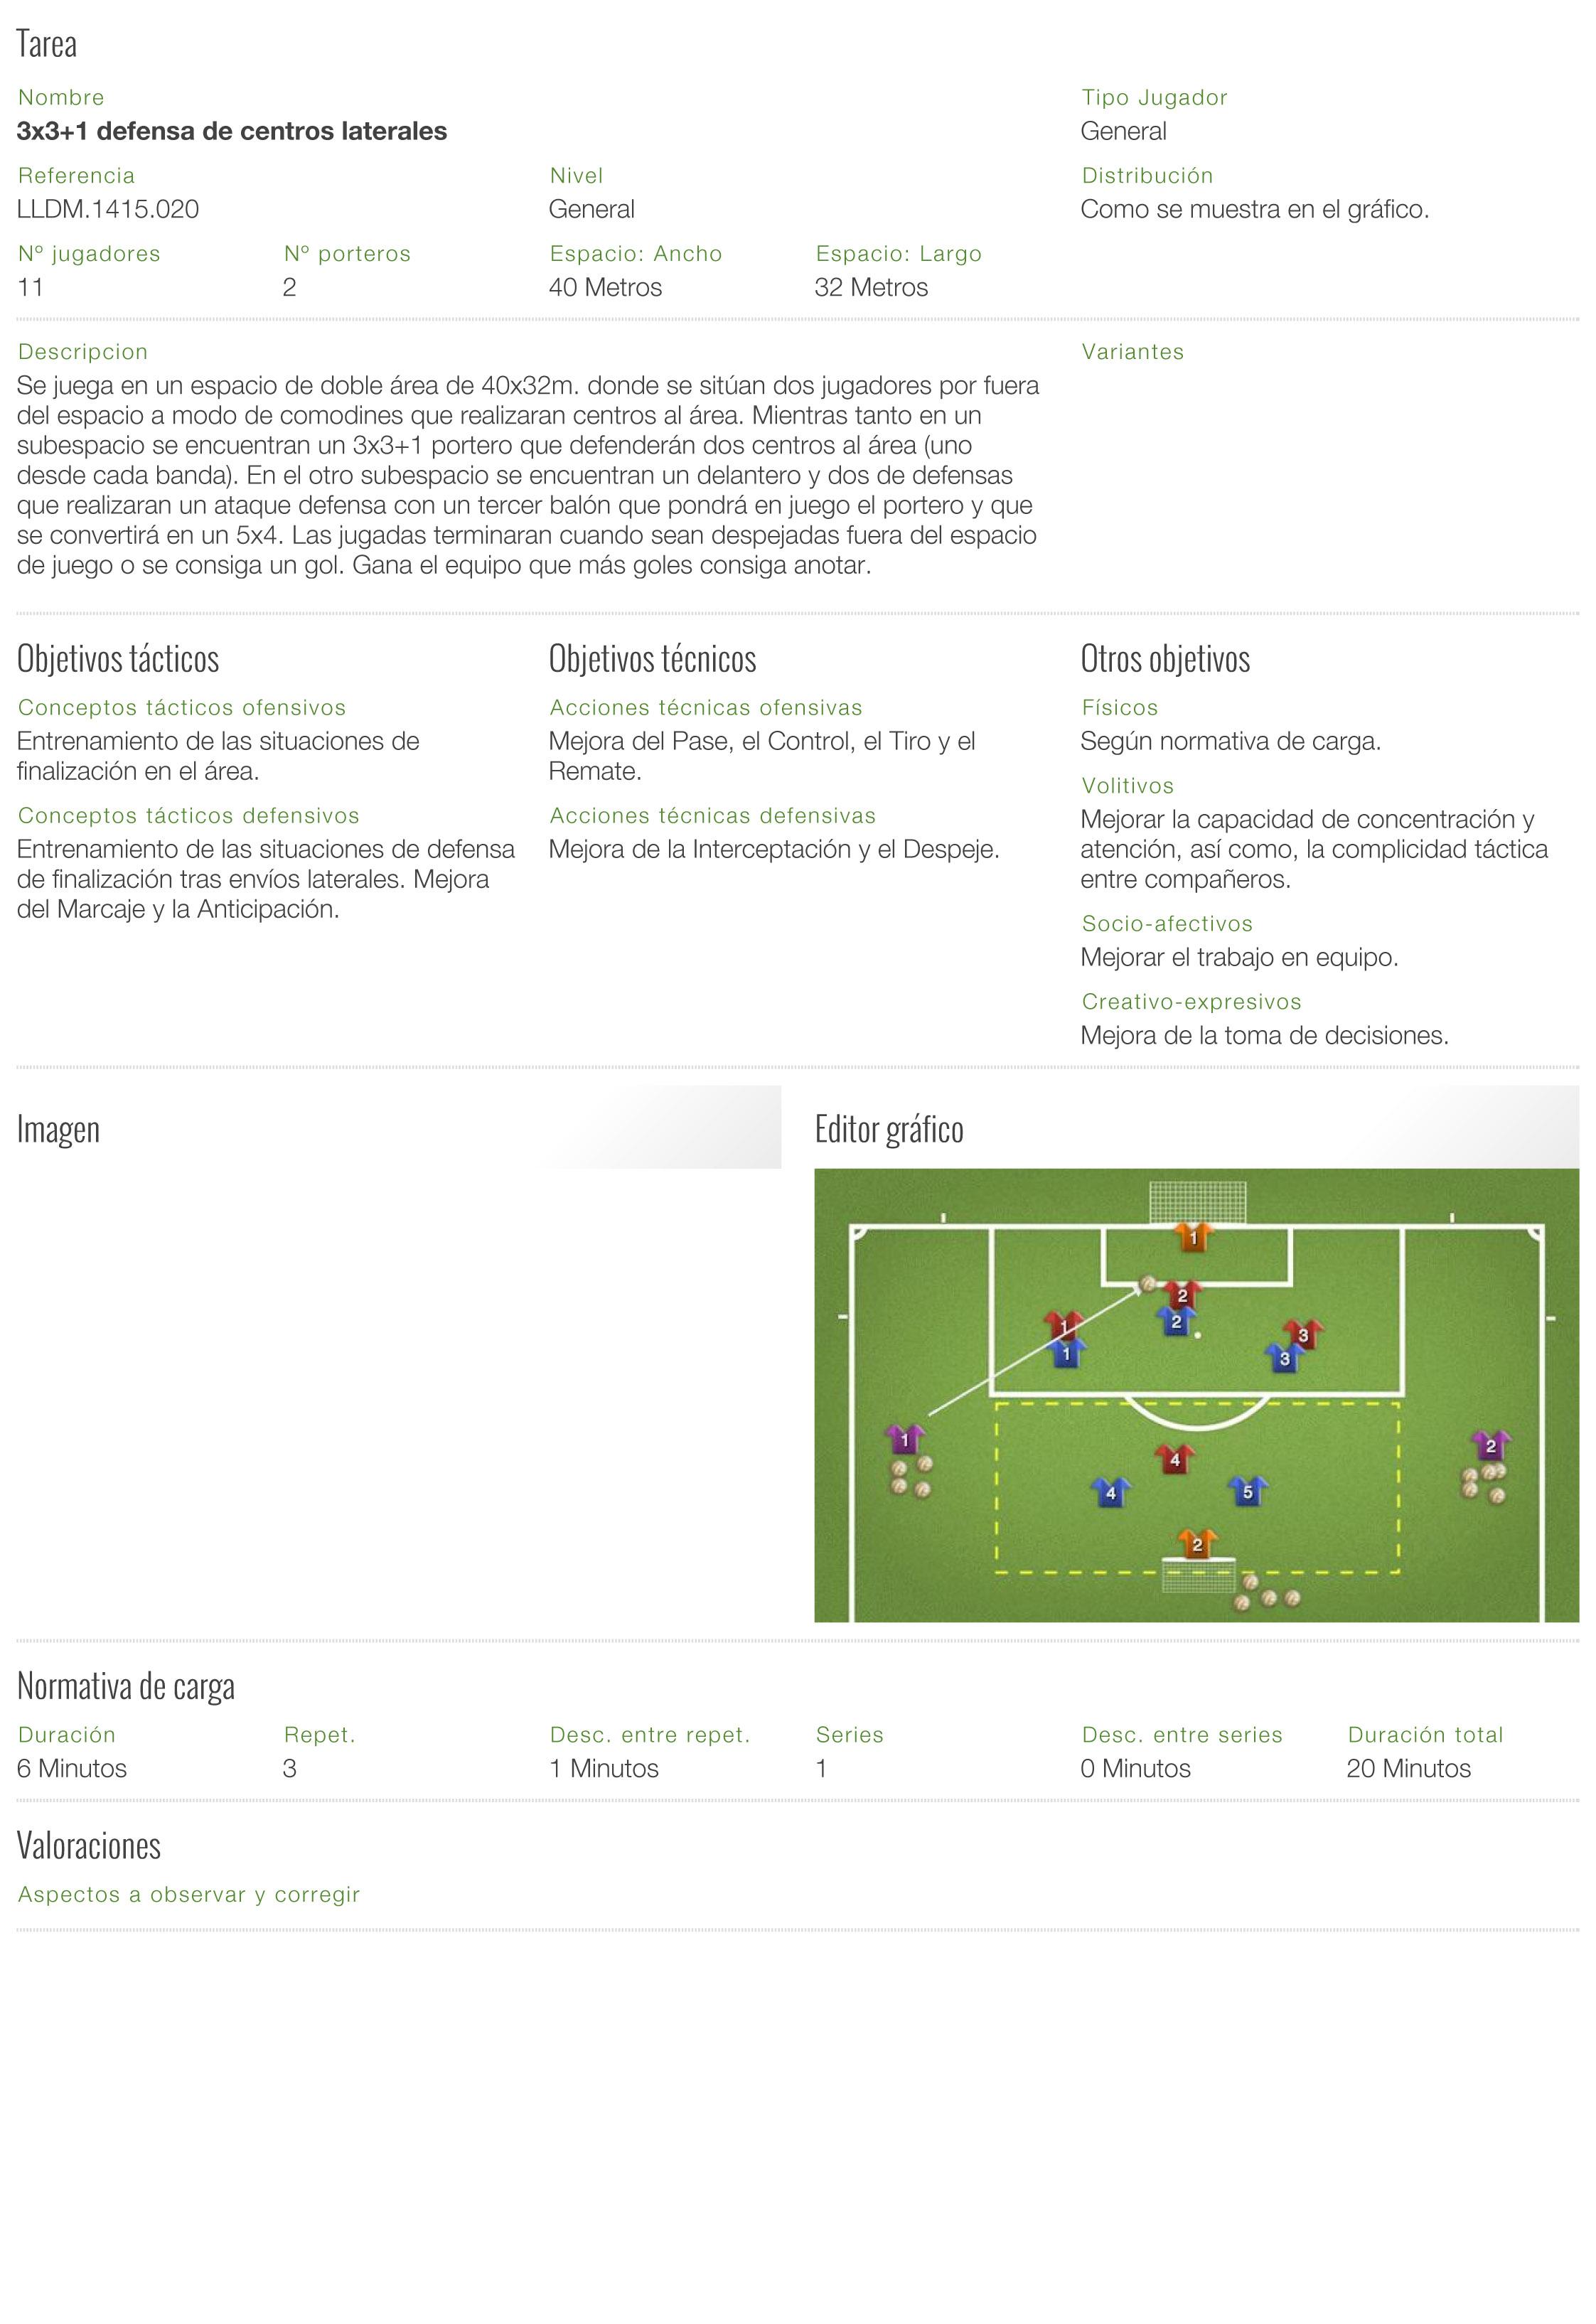 3x3+1 defensa de centros laterales